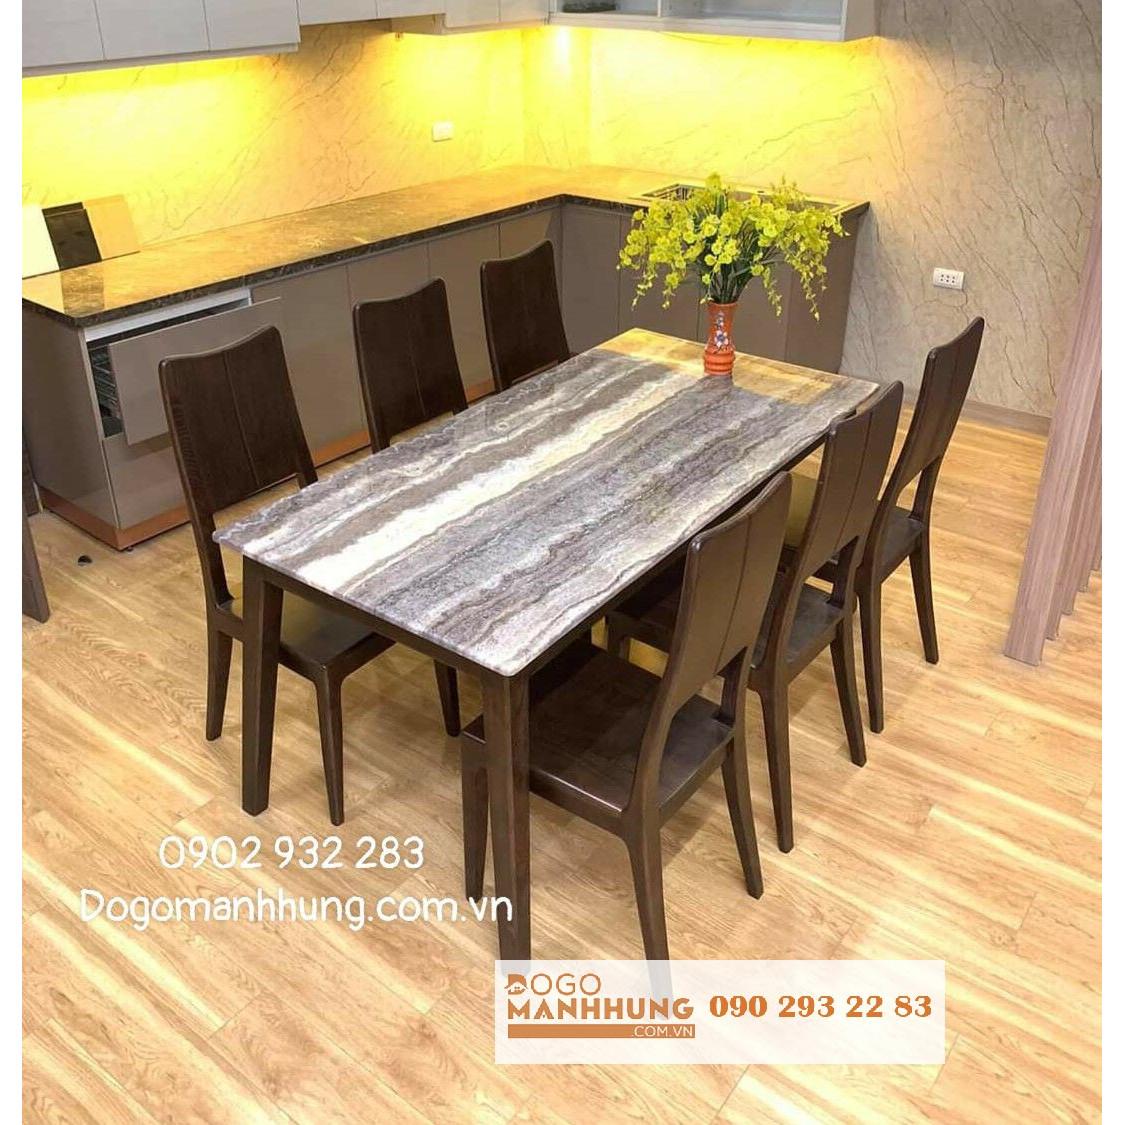 Bộ bàn ăn gỗ sồi mặt đá 6 ghế A109